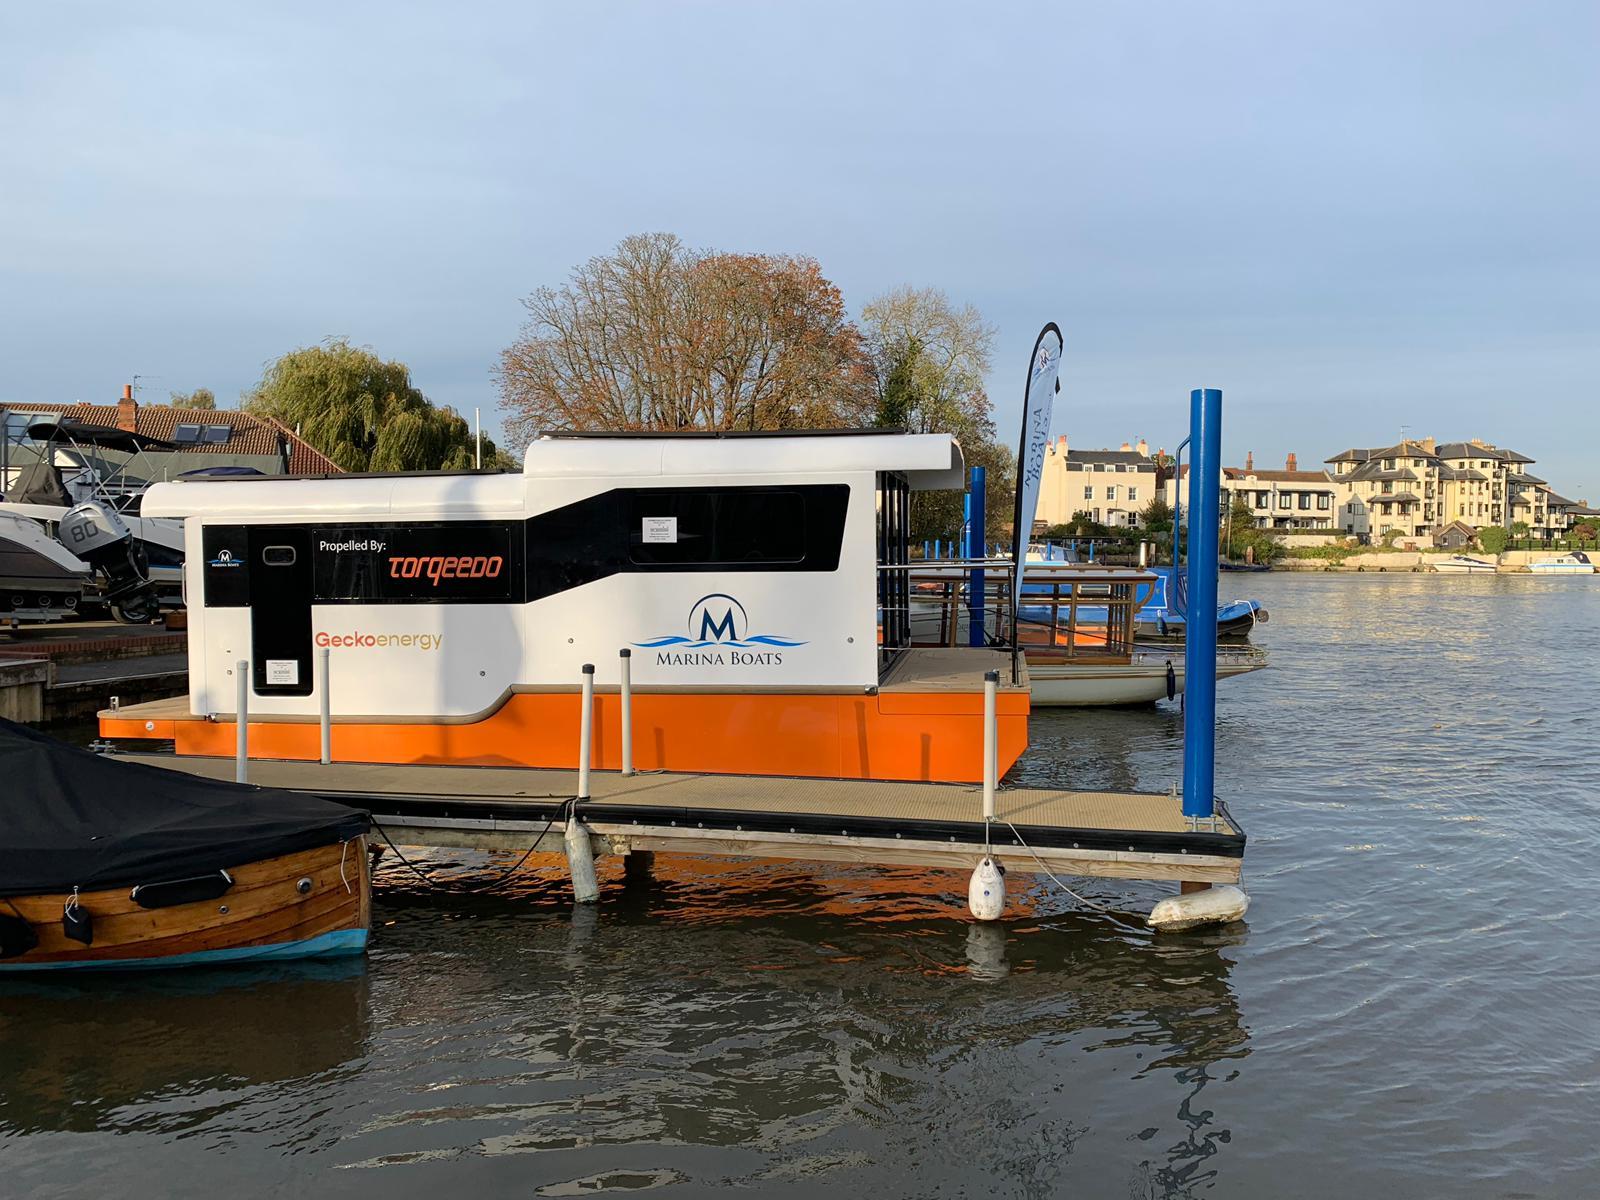 Marina boat moored at Thames Boat House